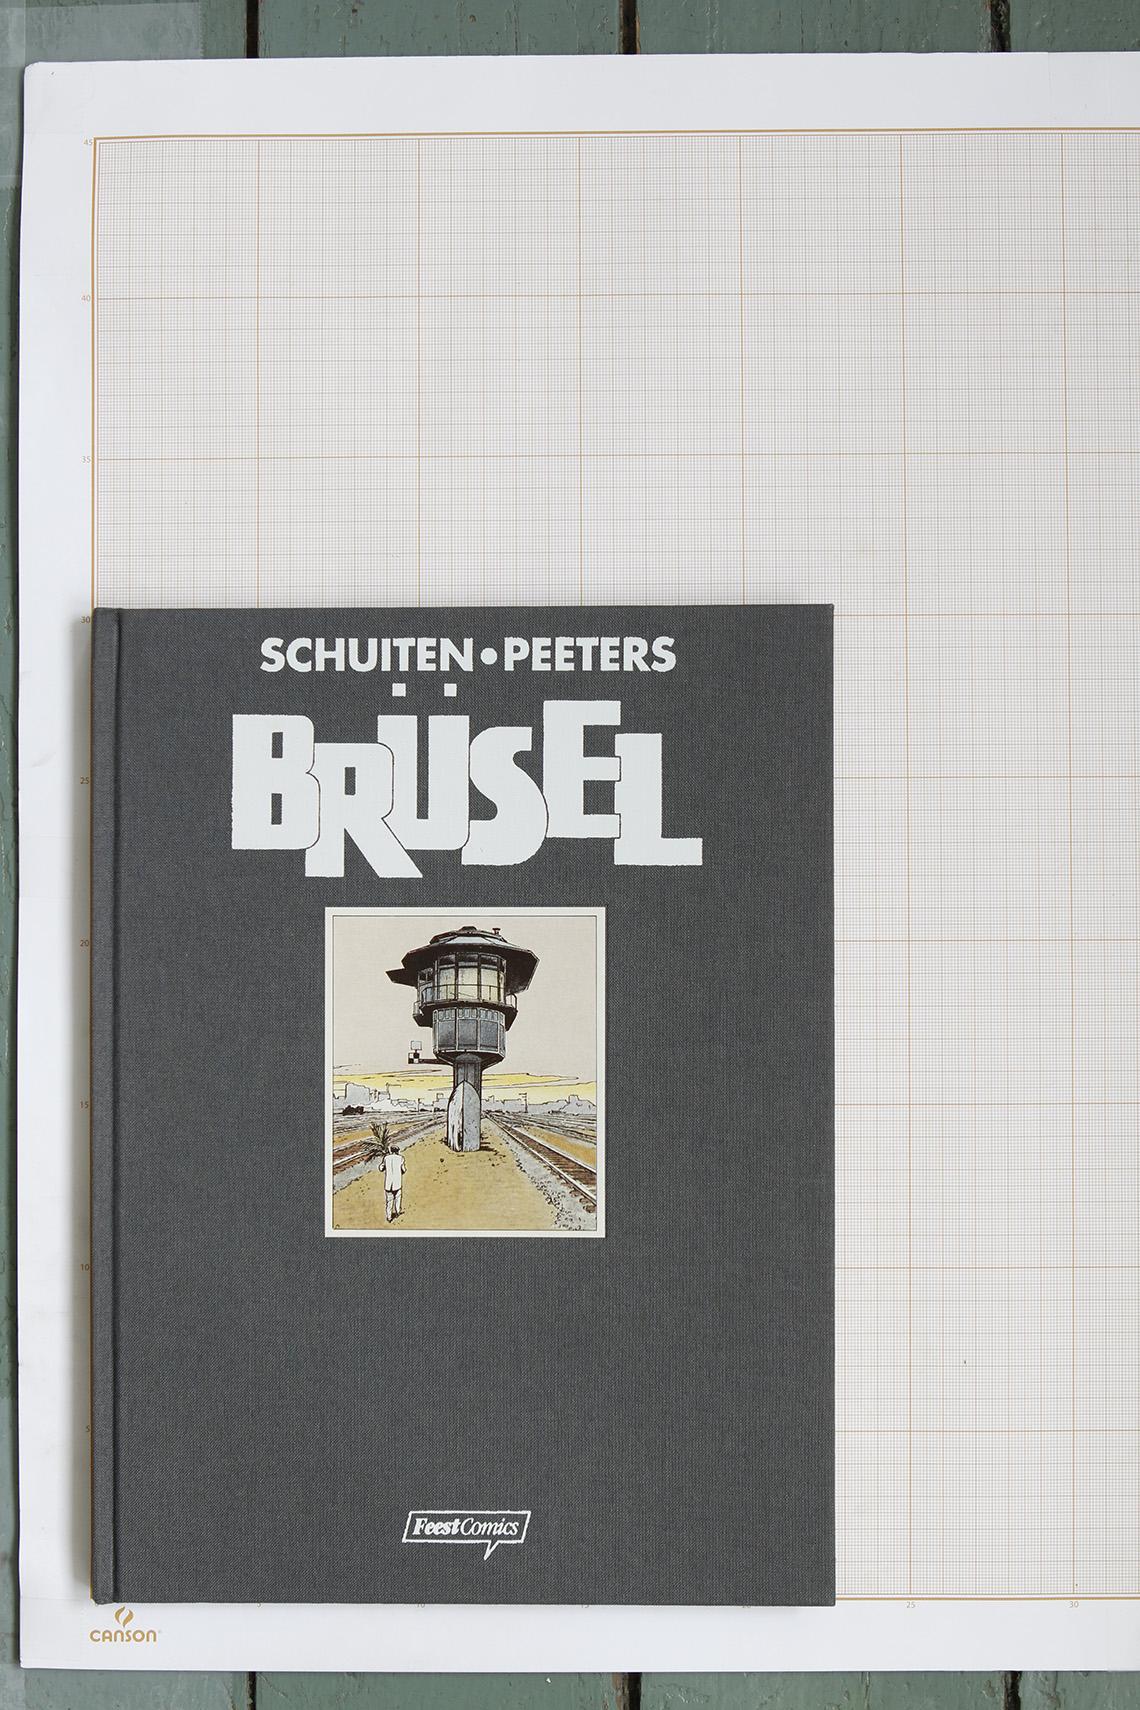 Brüsel, F.Schuiten & B.Peeters - Feest Comics© Maison Autrique, 1993